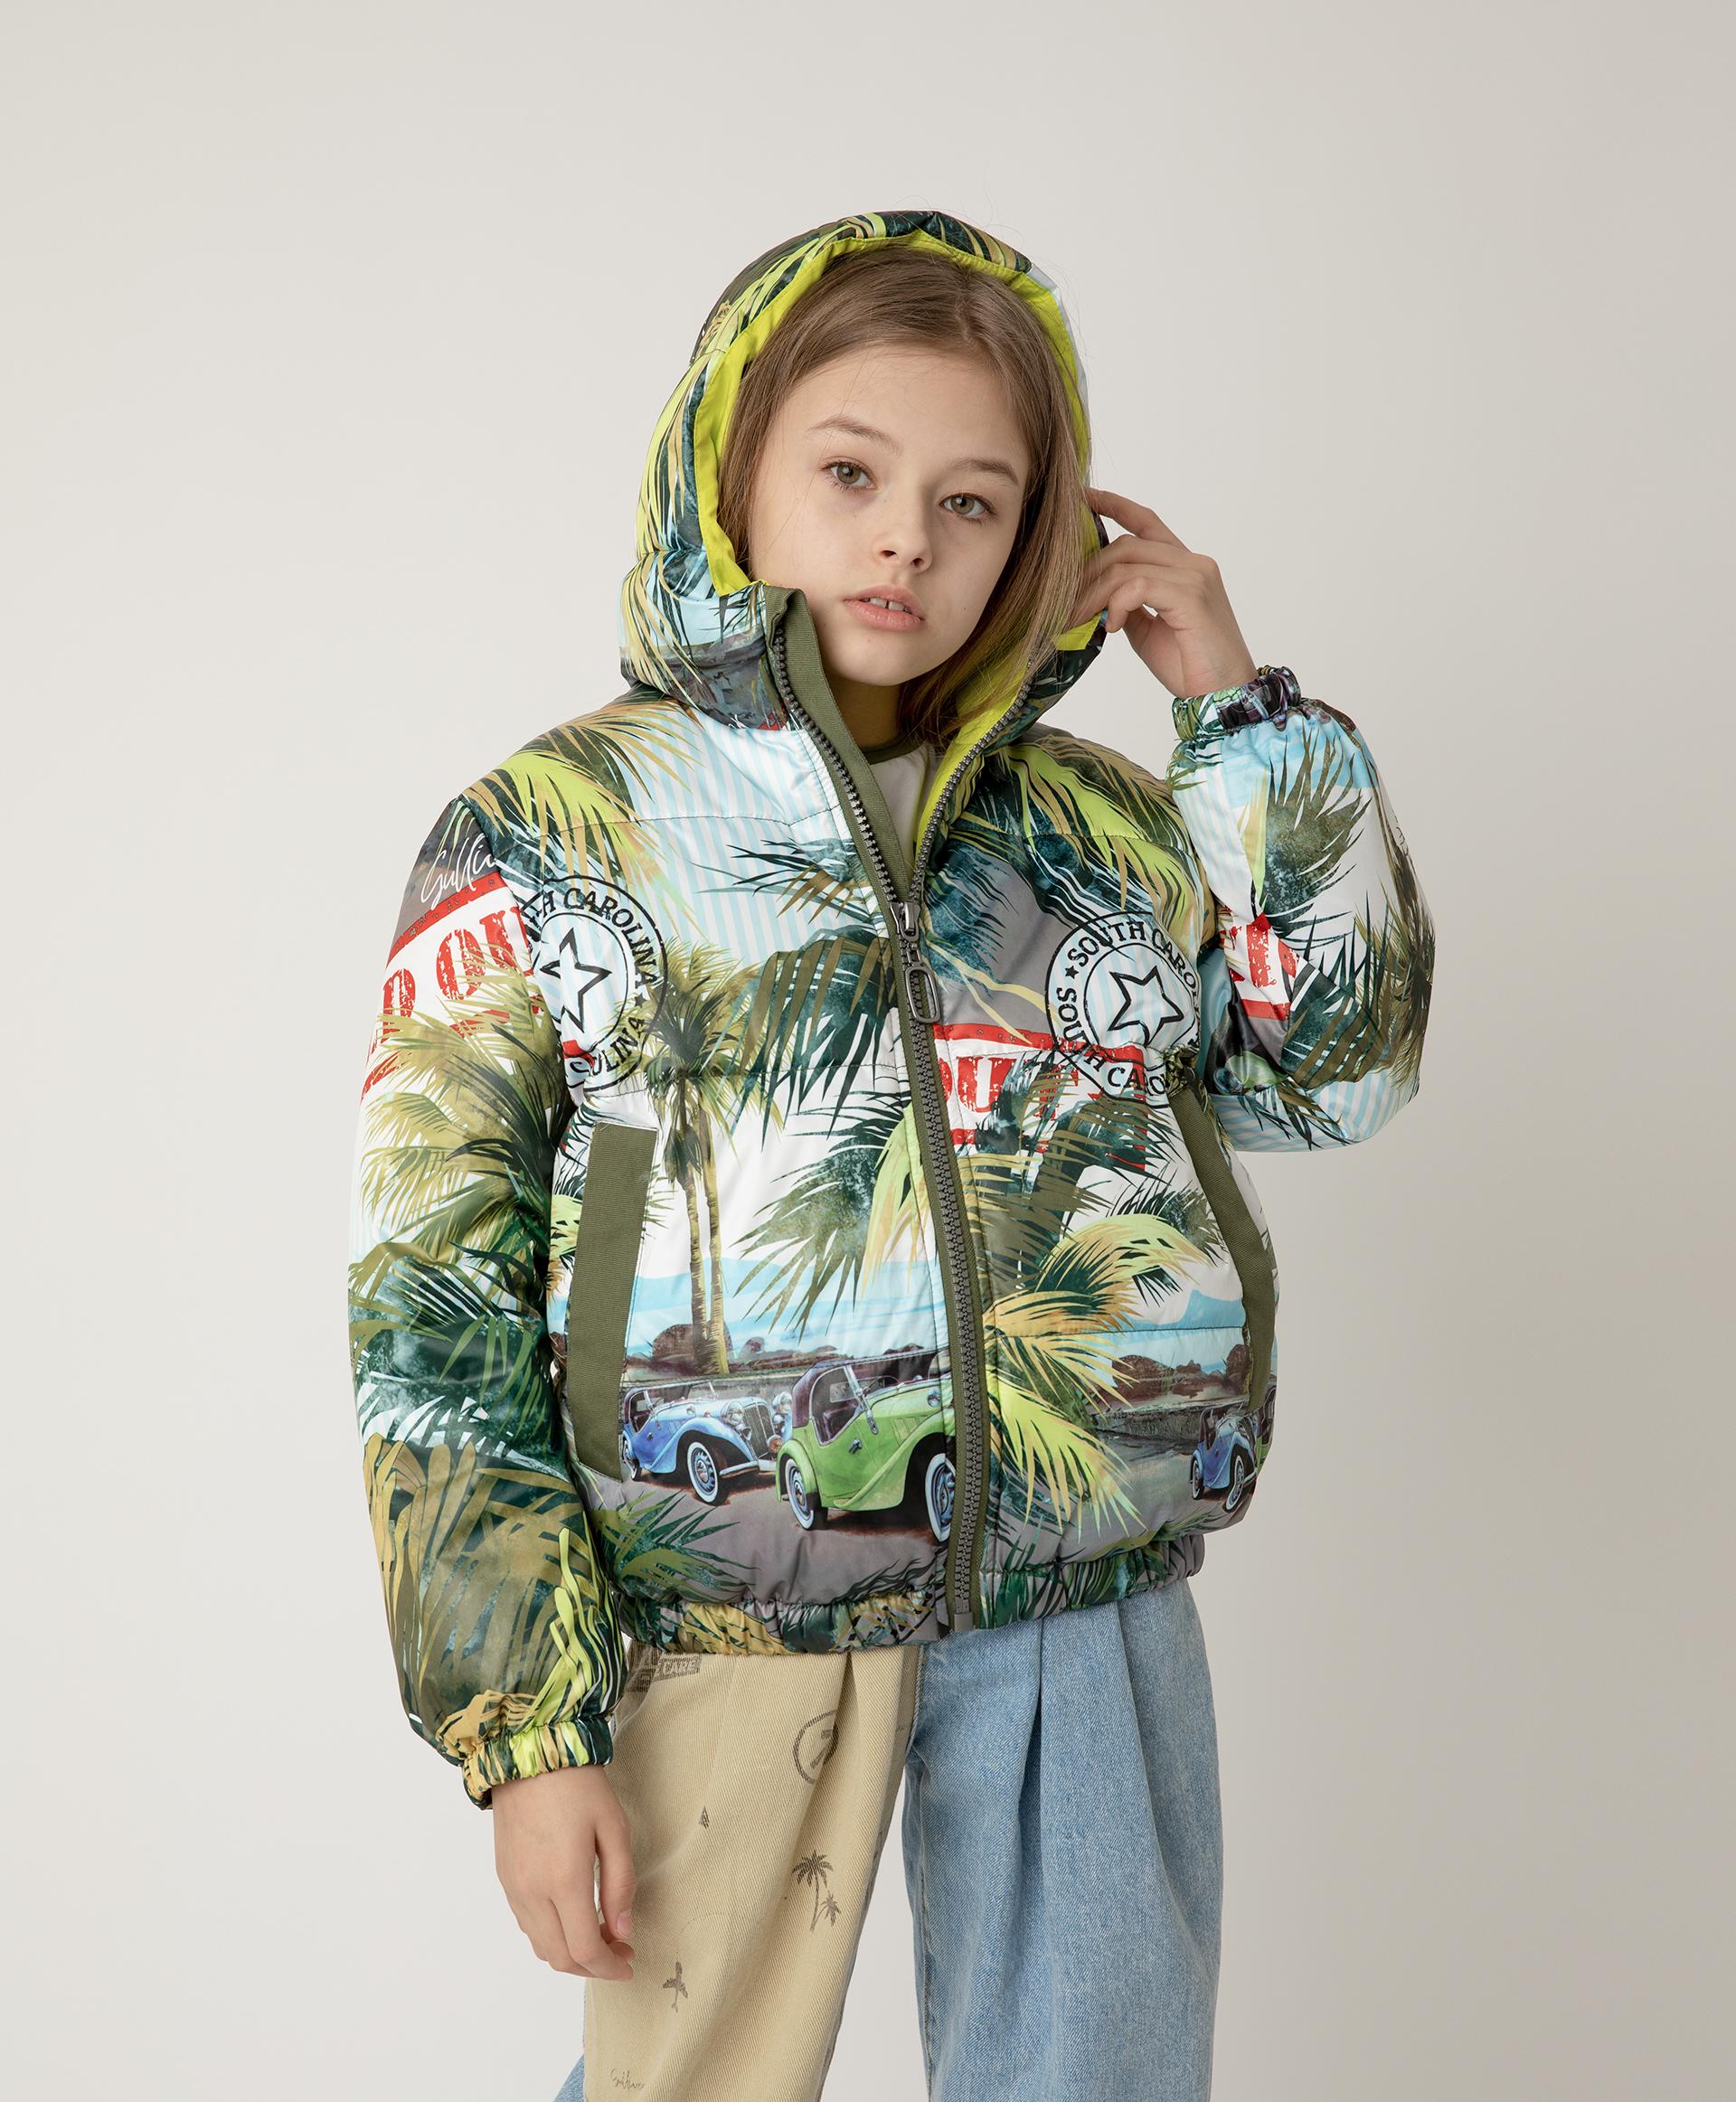 Купить 12108GJC4101, Куртка демисезонная с принтом и капюшоном Gulliver, мультицвет, 140, Полиэстер, Женский, Демисезон, ВЕСНА/ЛЕТО 2021 (shop: GulliverMarket Gulliver Market)